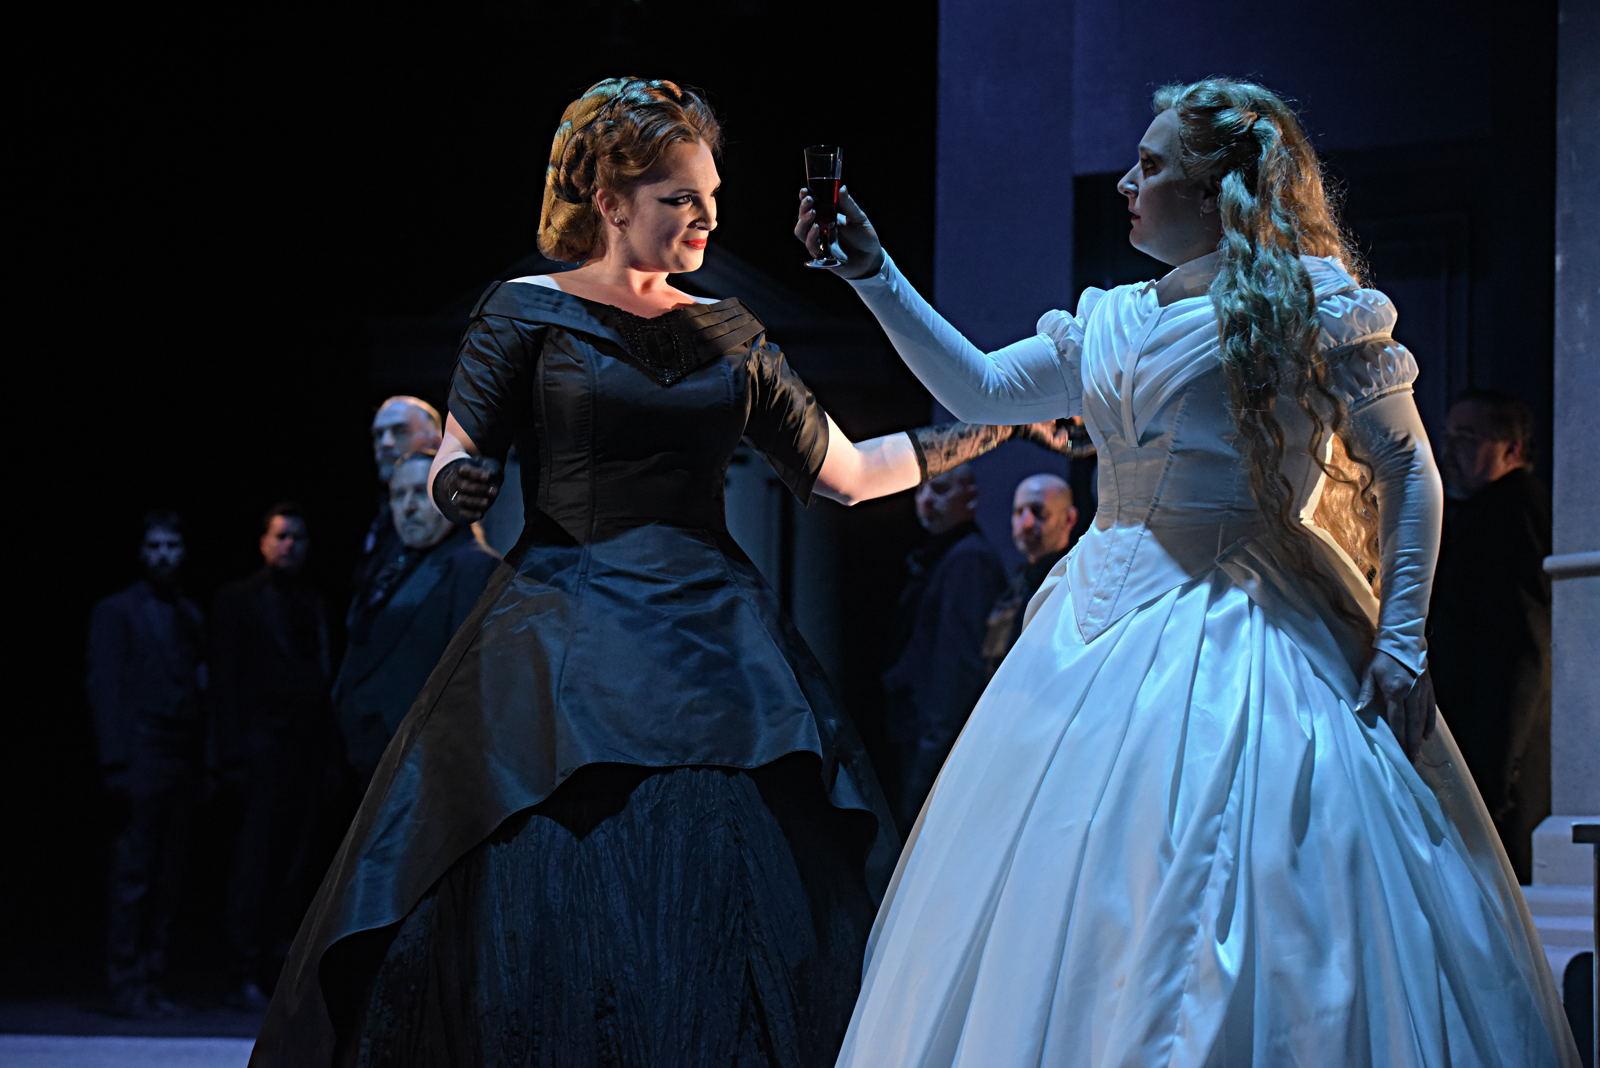 Ester Pavlů vystoupí 14. dubna poprvé v roli Cizí kněžny v nové Rusalce v Plzni